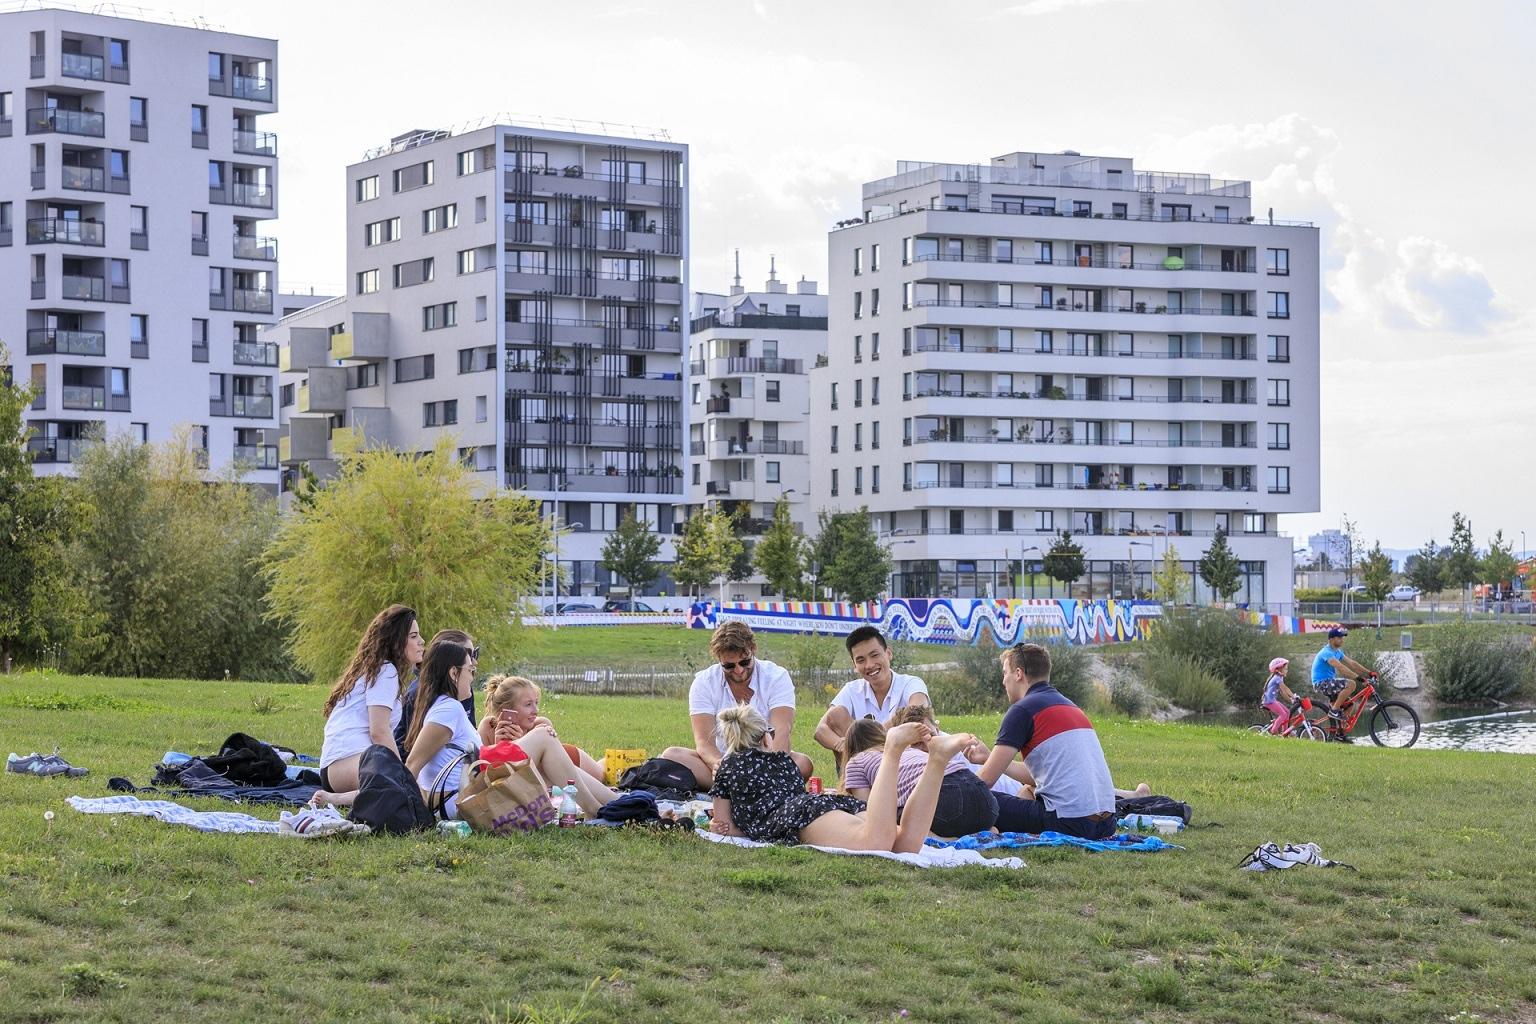 Két budapesti lakást lehet venni egy bécsi ingatlan áráért